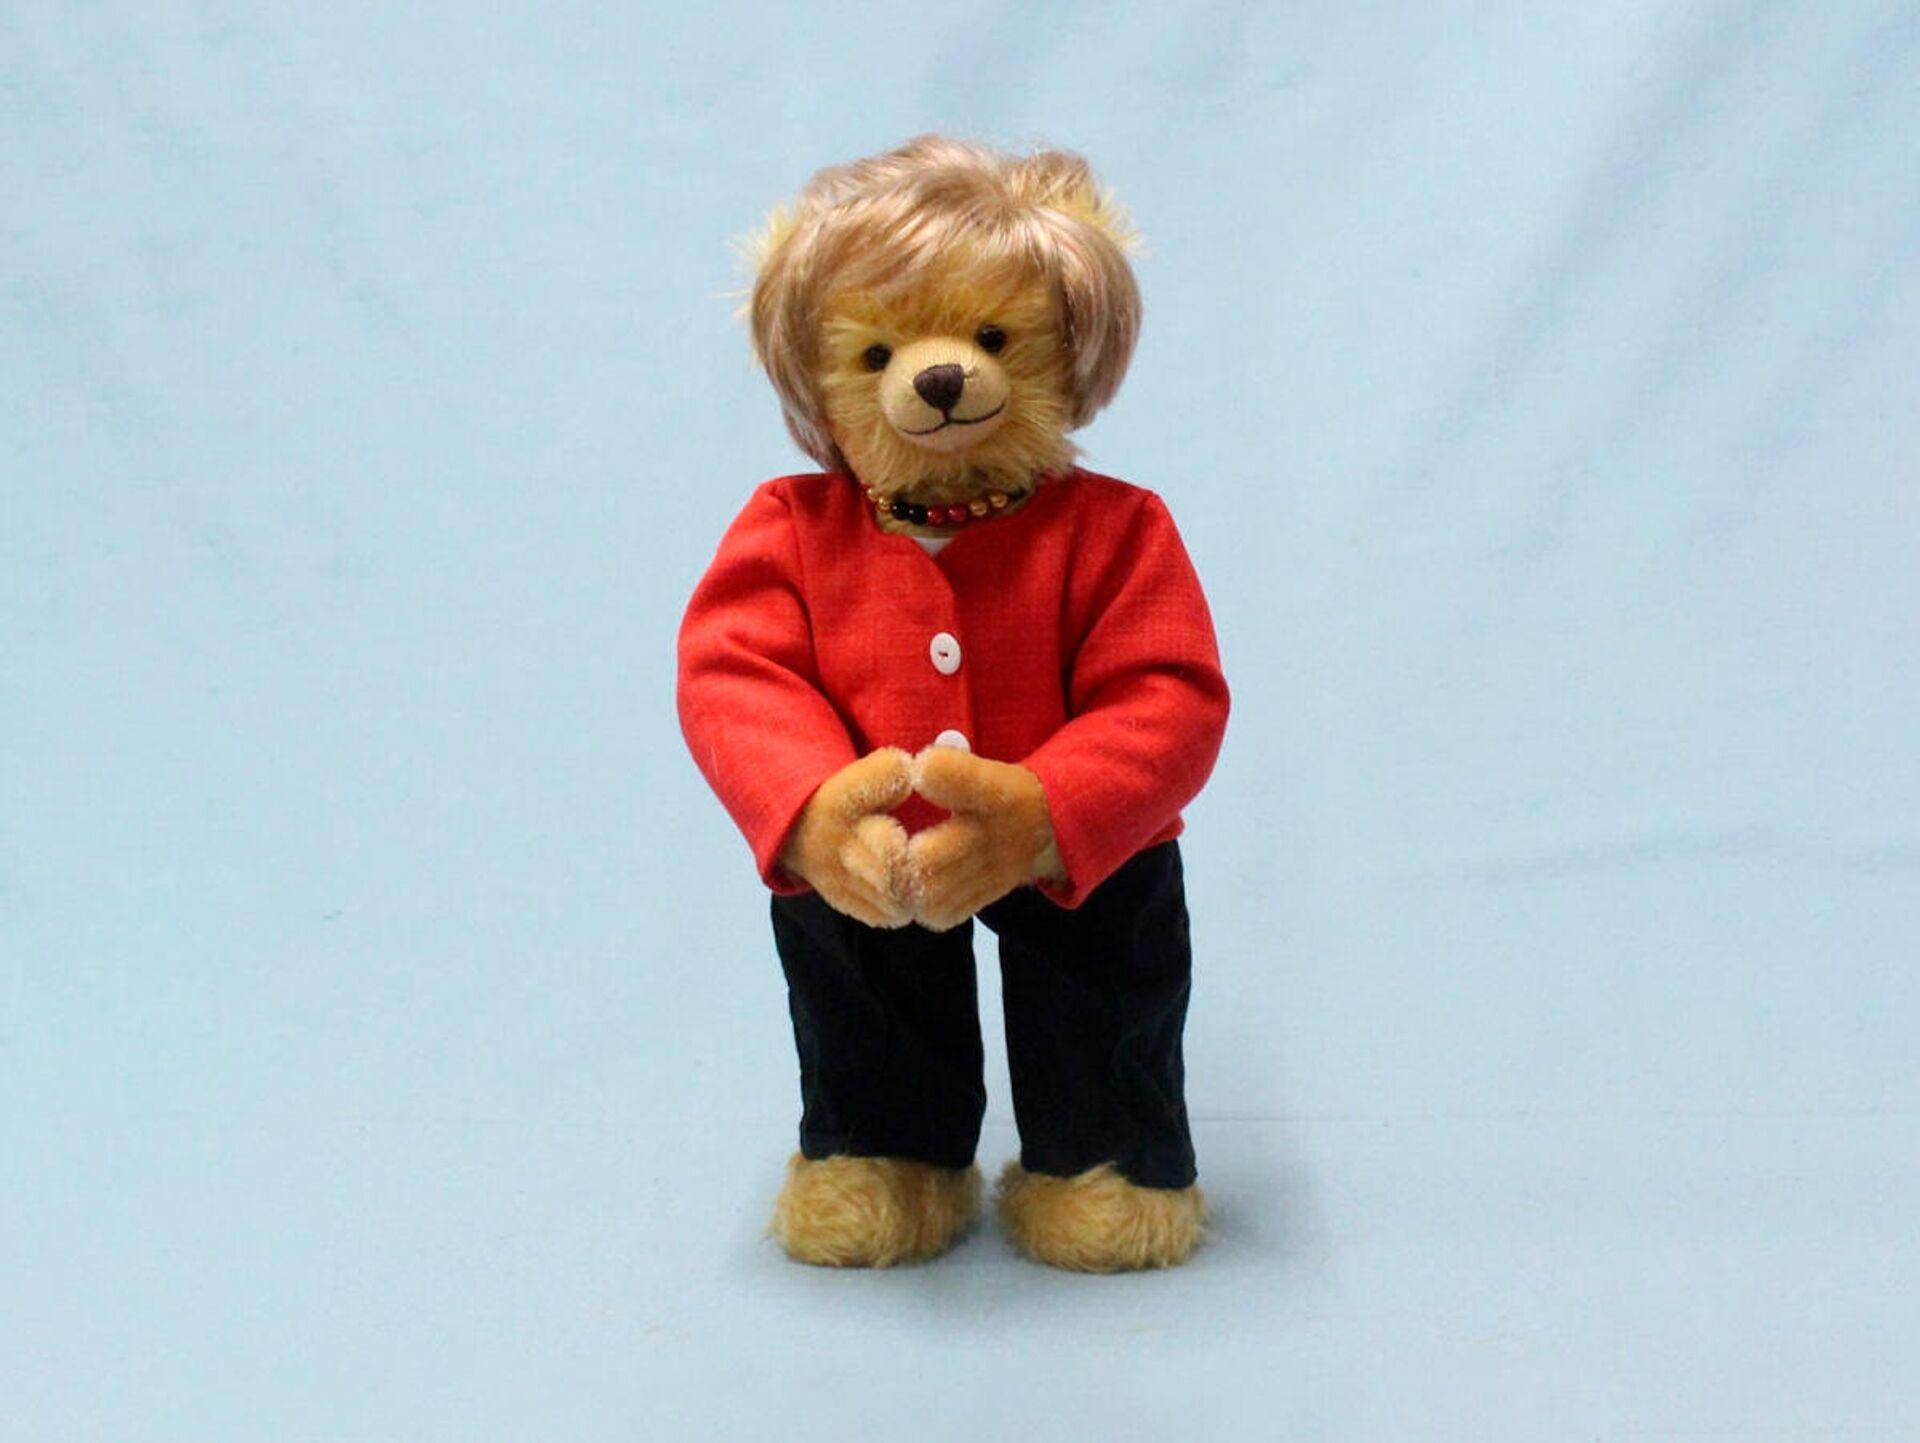 Немецкая фабрика по производству плюшевых игрушек выпустила медвежонка в образе канцлера Германии Ангелы Меркель - Sputnik Латвия, 1920, 21.09.2021